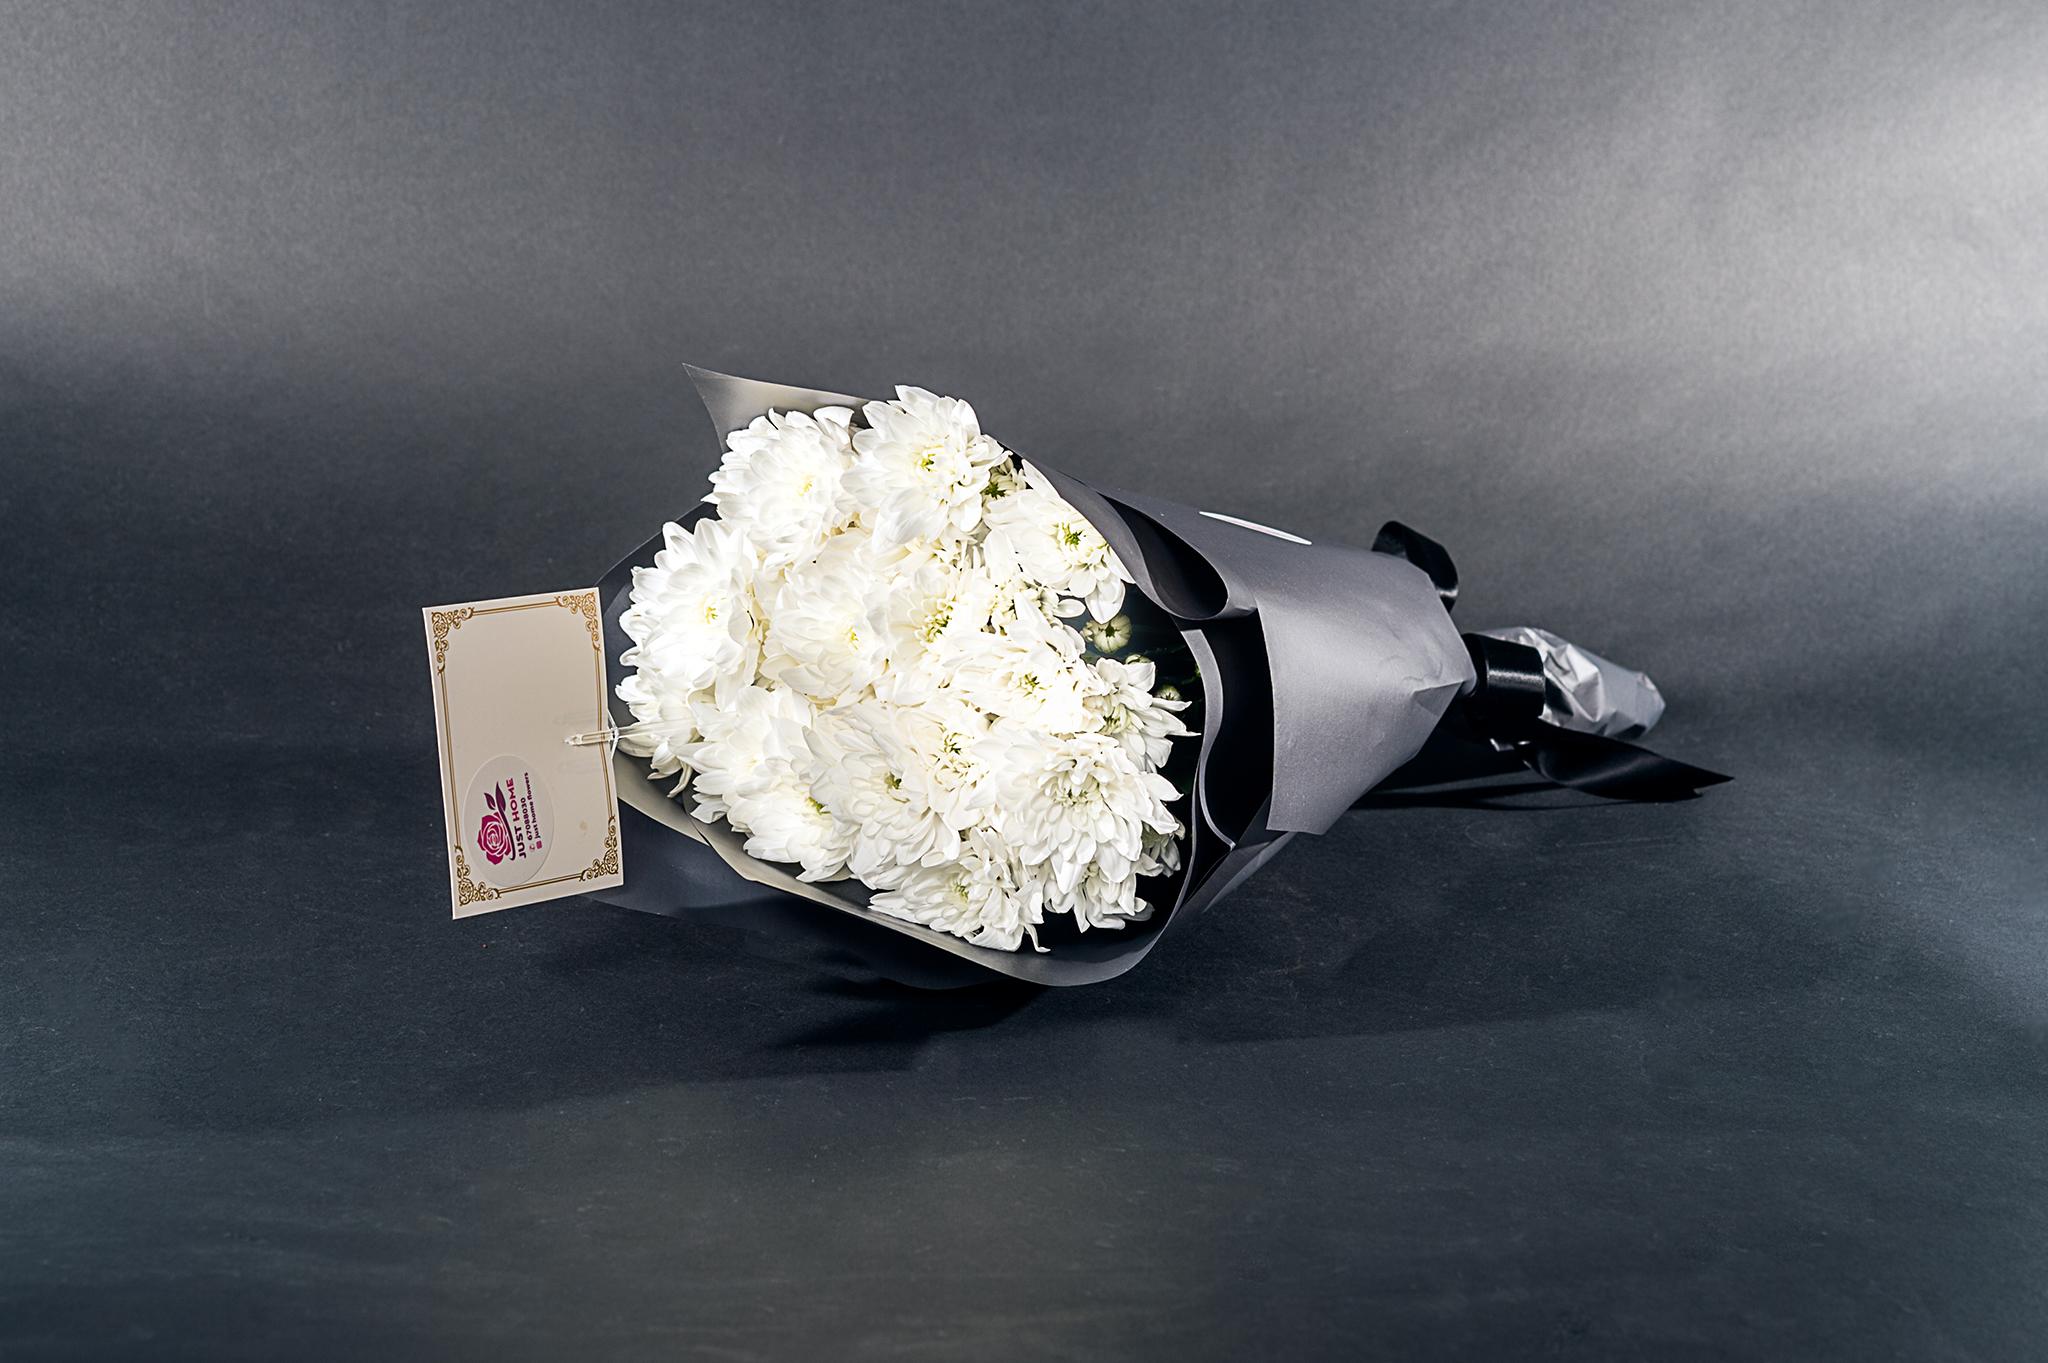 ولاء الحب 'باقة زهور'